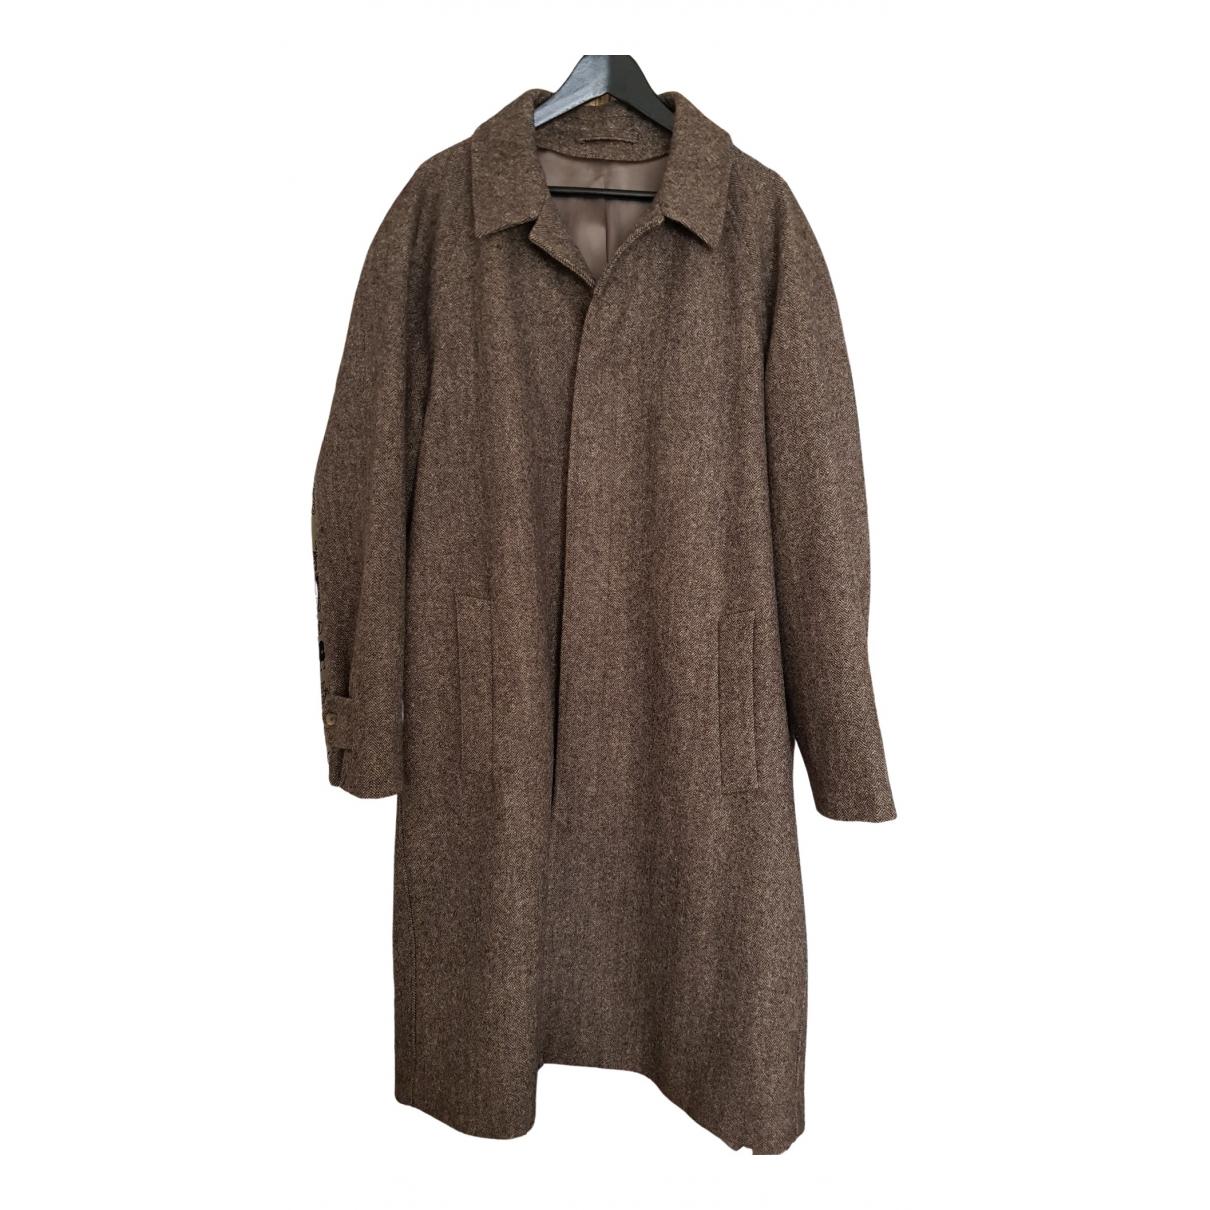 De Bonne Facture - Manteau   pour homme en laine - marron